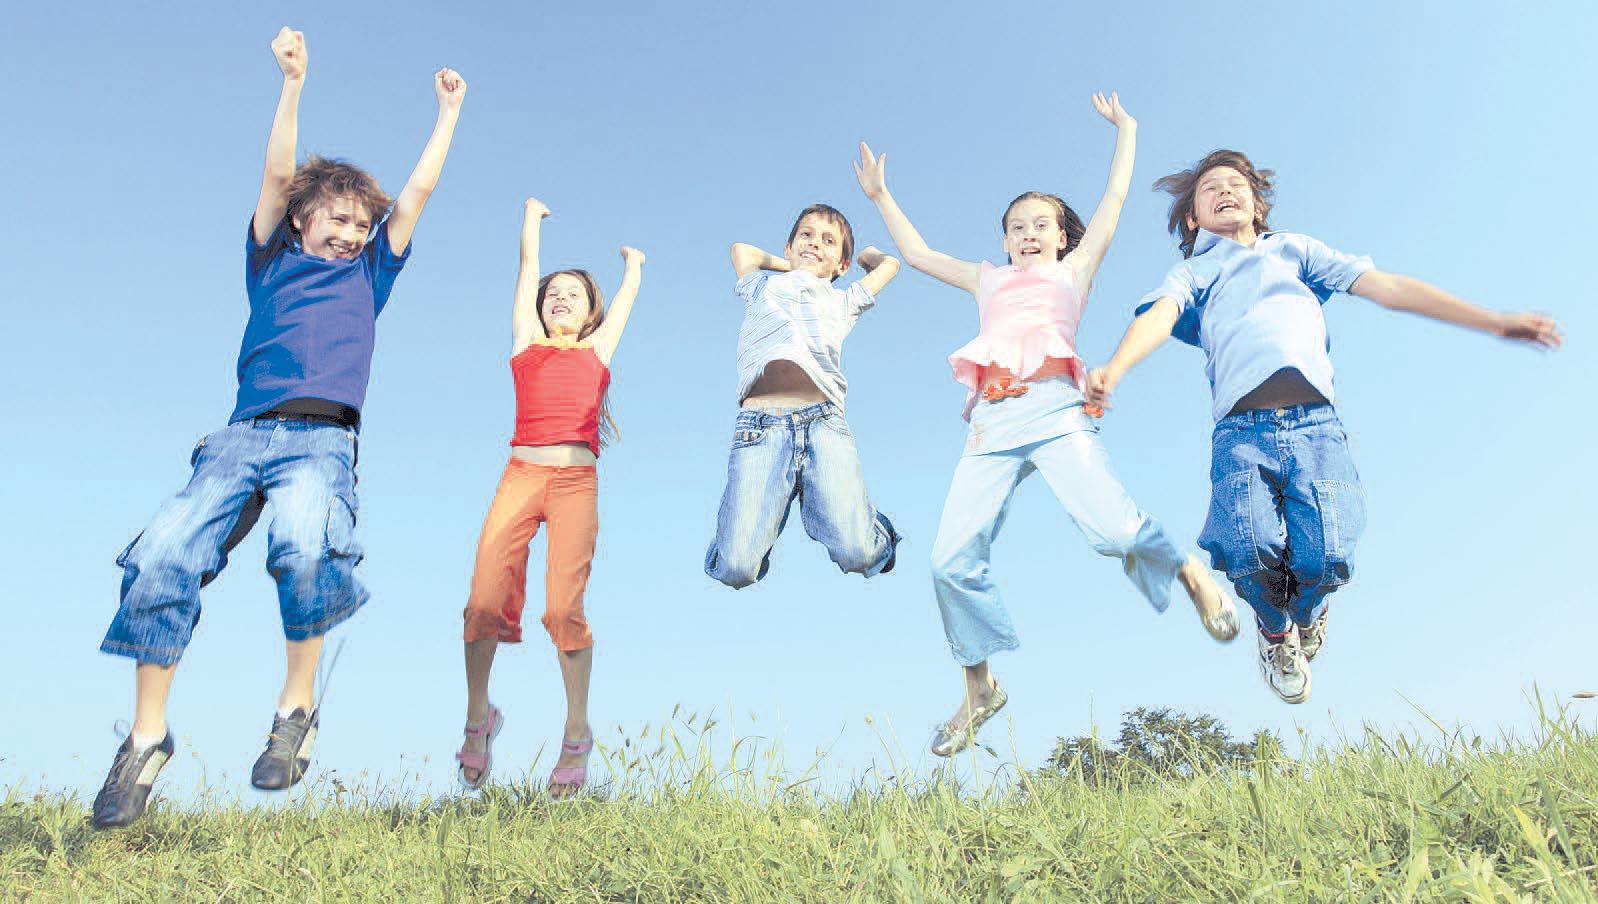 Здоровый образ жизни ОБЖ Реферат доклад сообщение краткое  Тебе приятно видеть веселого улыбающегося человека Ответь тем же улыбайся будь приветливым и доброжелательным Помни это еще и полезно для здоровья